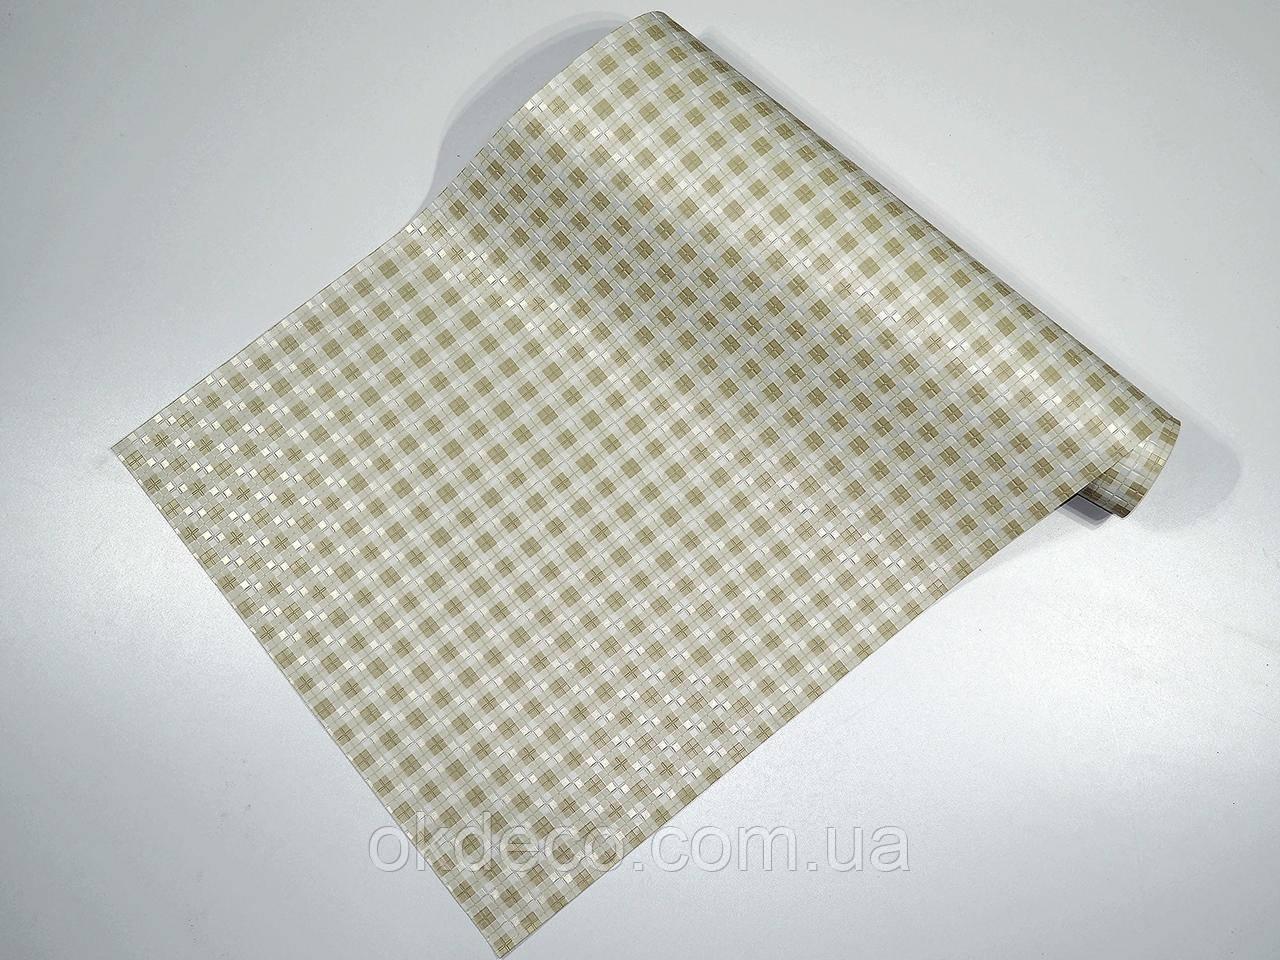 Обои виниловые на бумажной основе Expromt 5652-05 В49,4 Бонжур 2